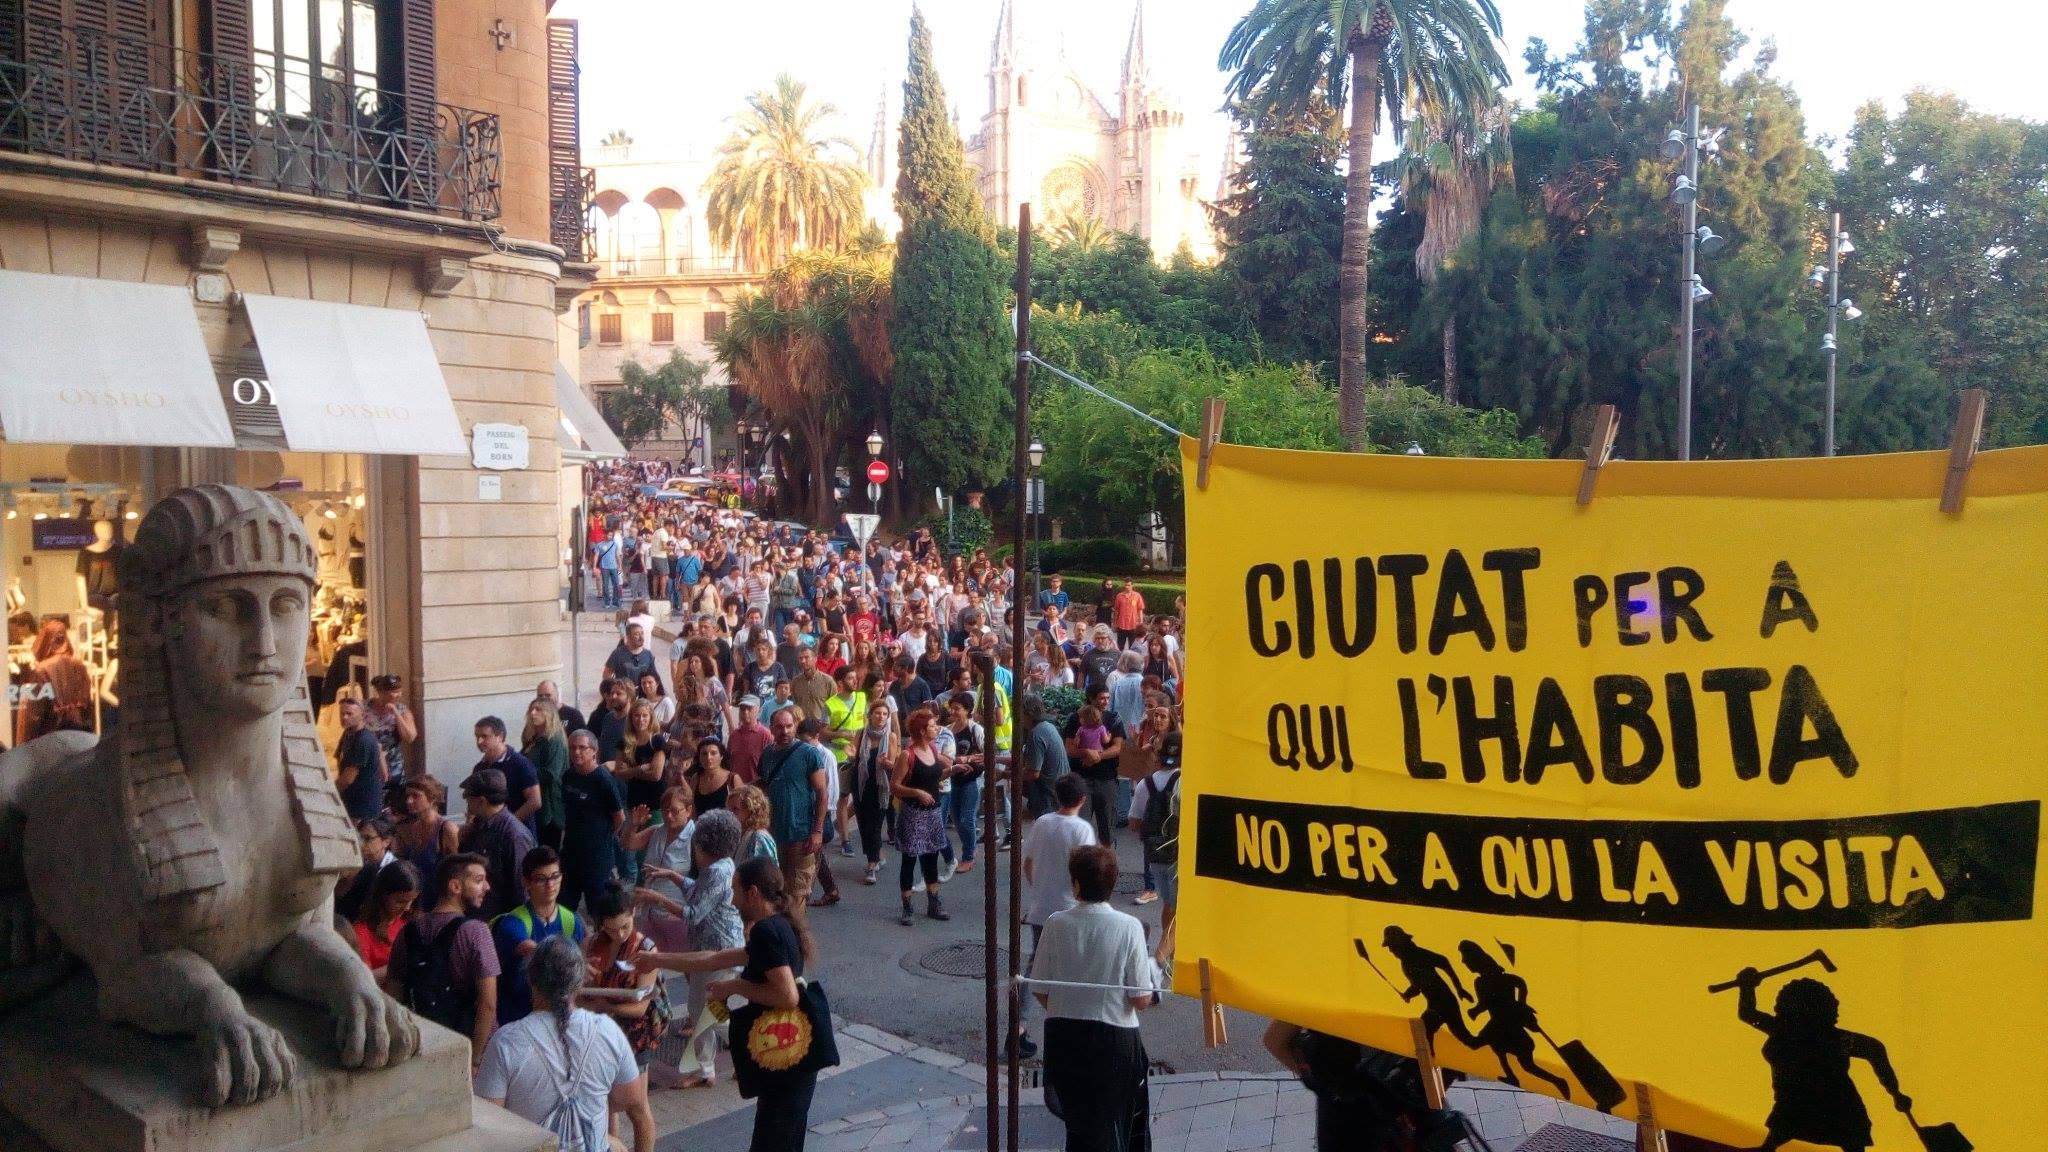 """""""Hiria, bertan bizi direnentzat eta ez bisitan datozenentzat"""". 2017ko irailean Mallorcan egindako manifestazioa."""